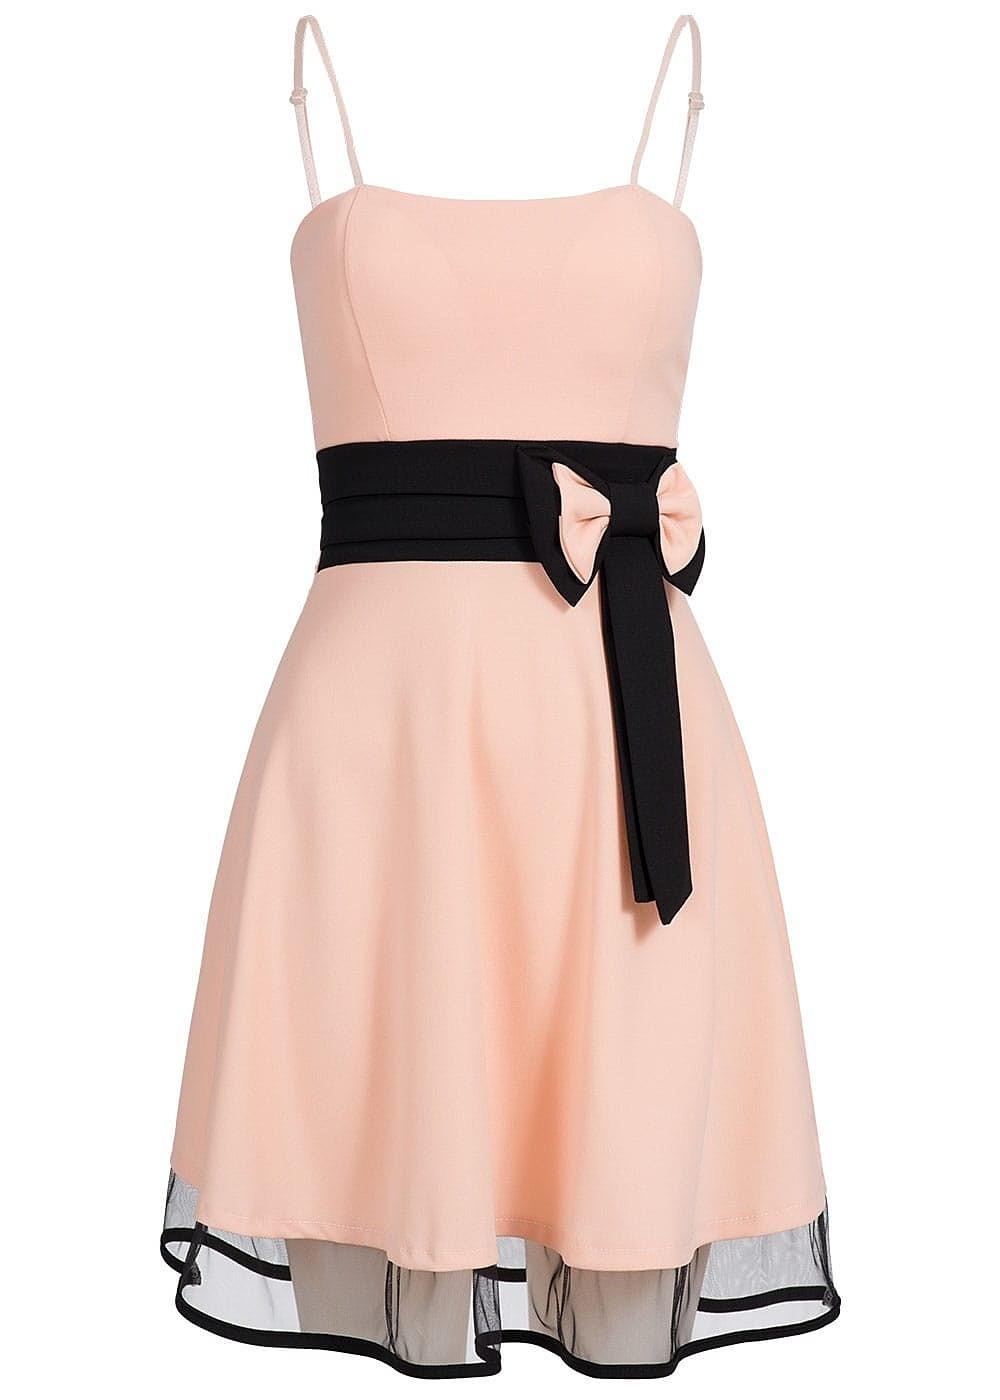 20 Schön Kleid Schwarz Rosa Design20 Schön Kleid Schwarz Rosa für 2019